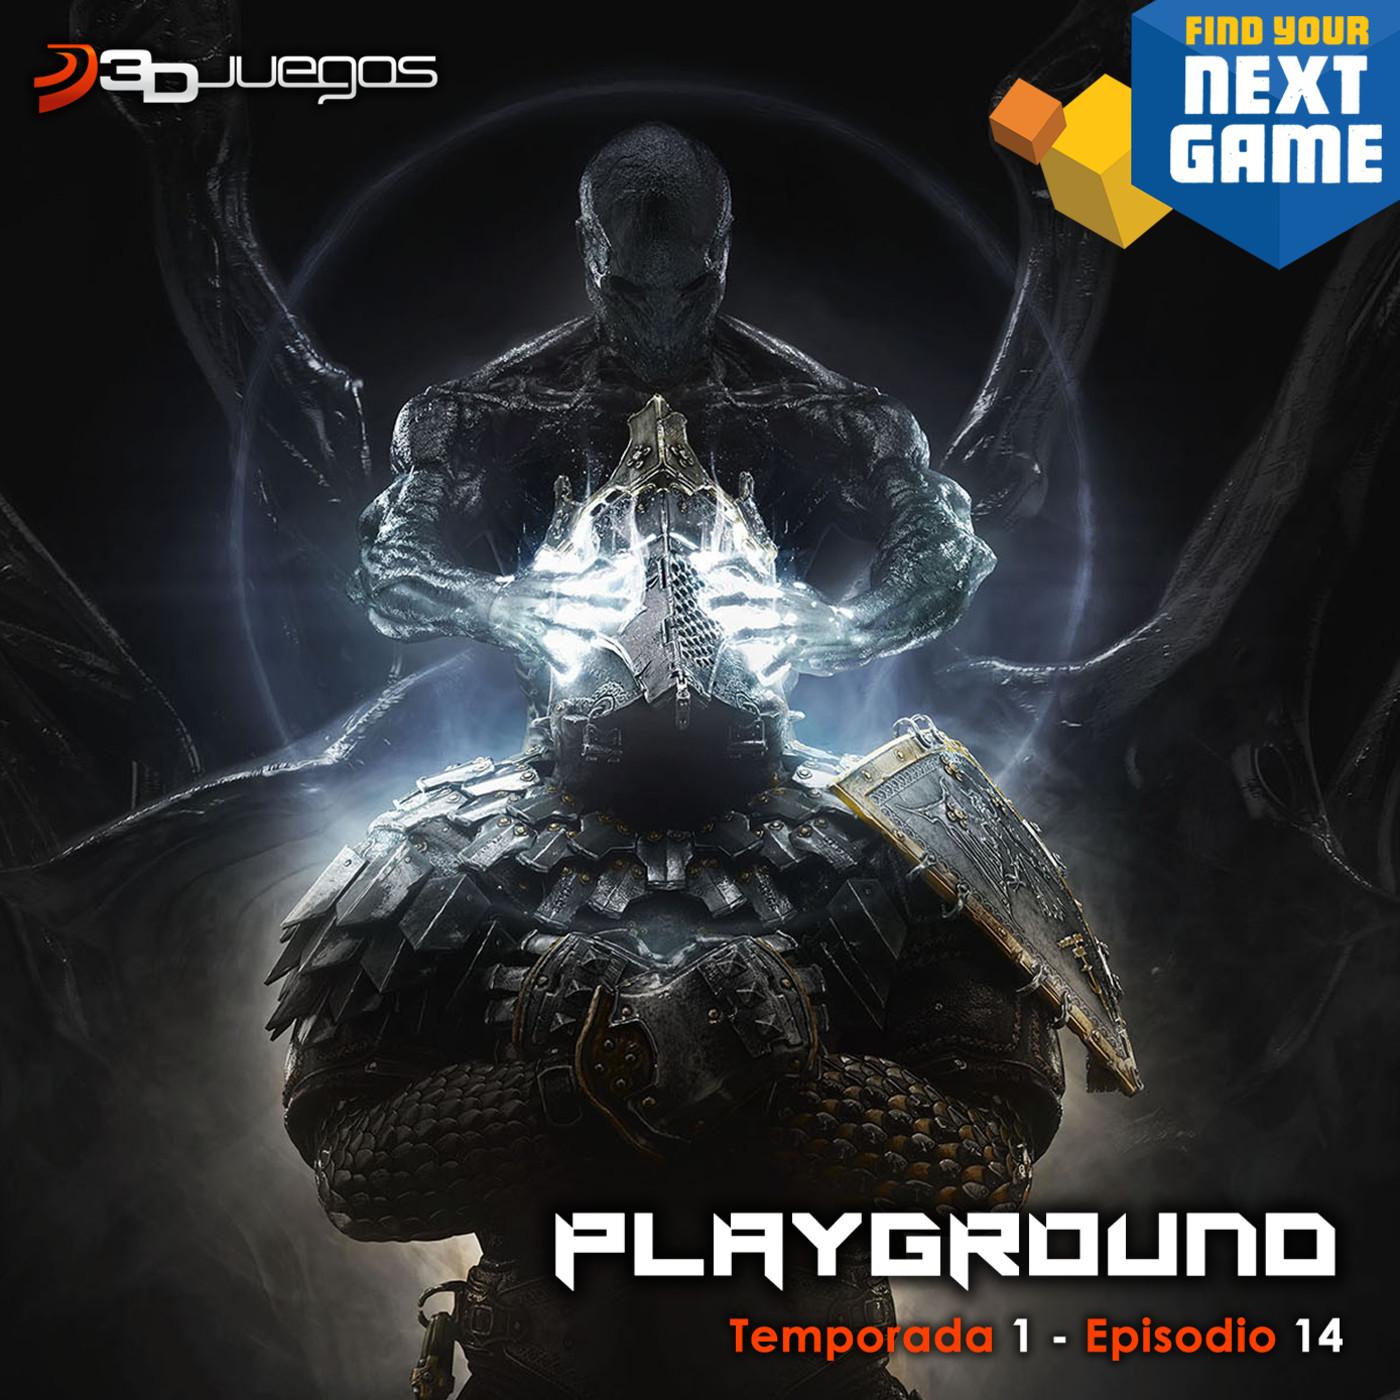 Playground Episodio 14 - PC Gaming Show, Future Games Show y las teorías de la conspiración